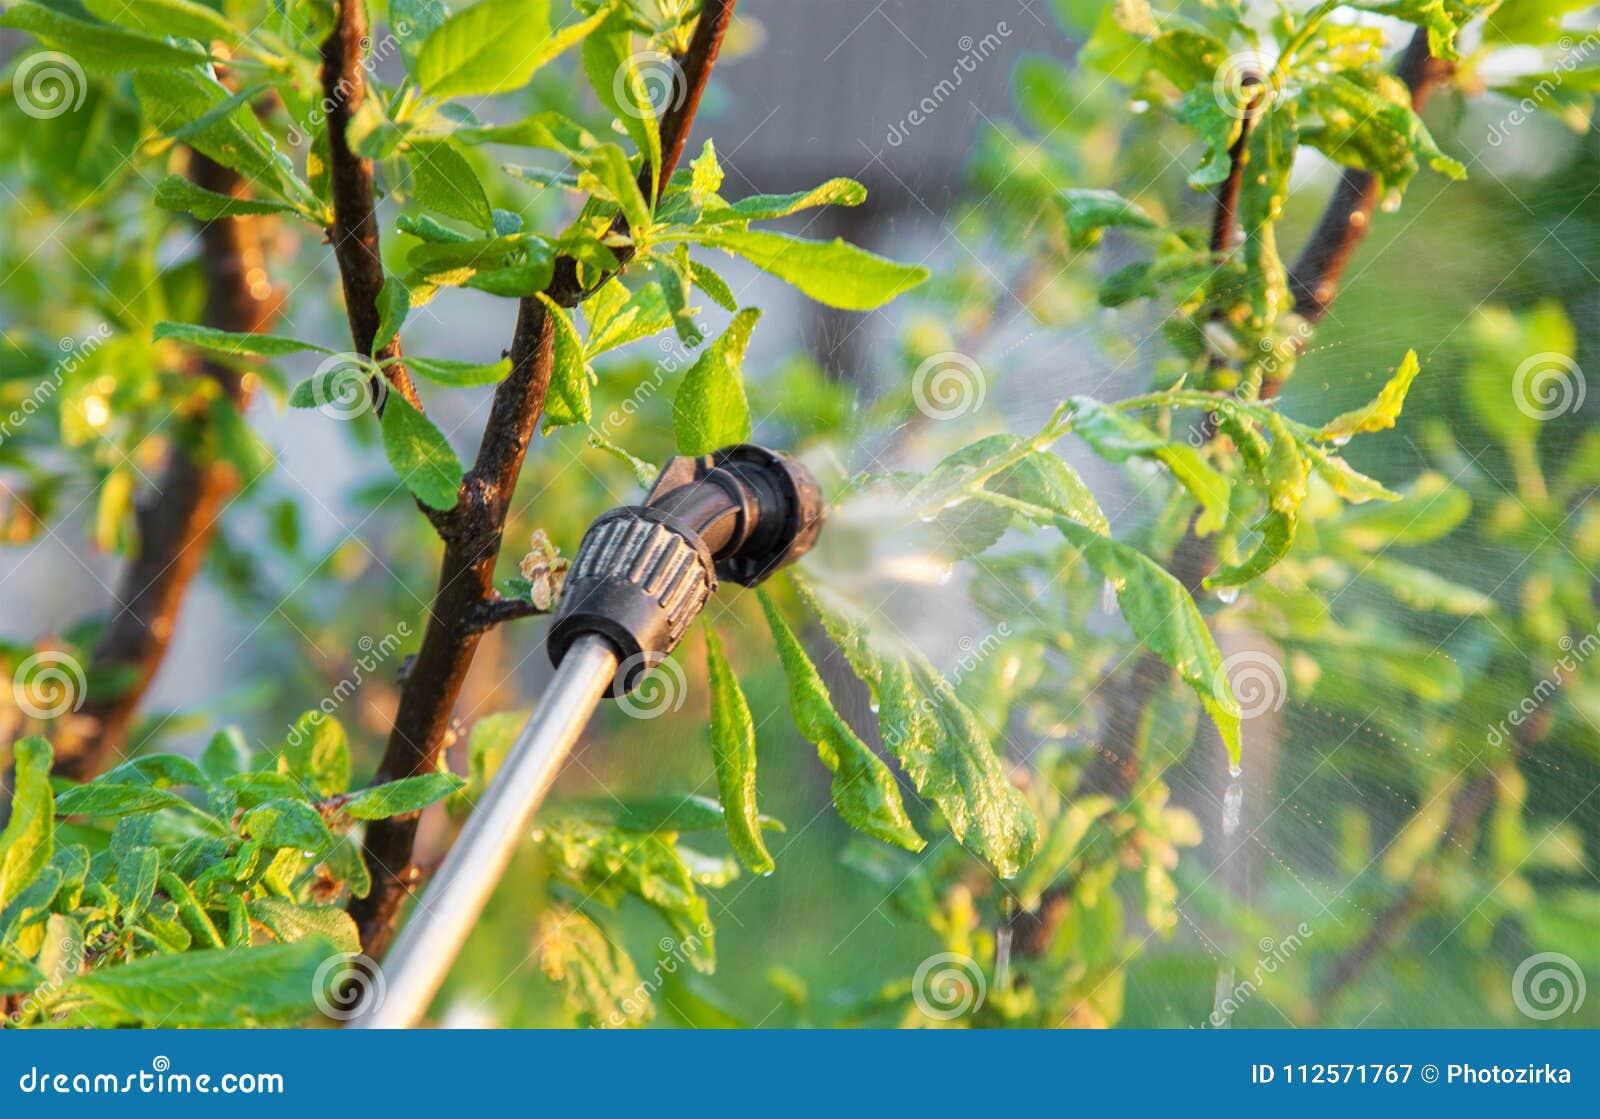 Opryskiwań drzewa z pestycydami